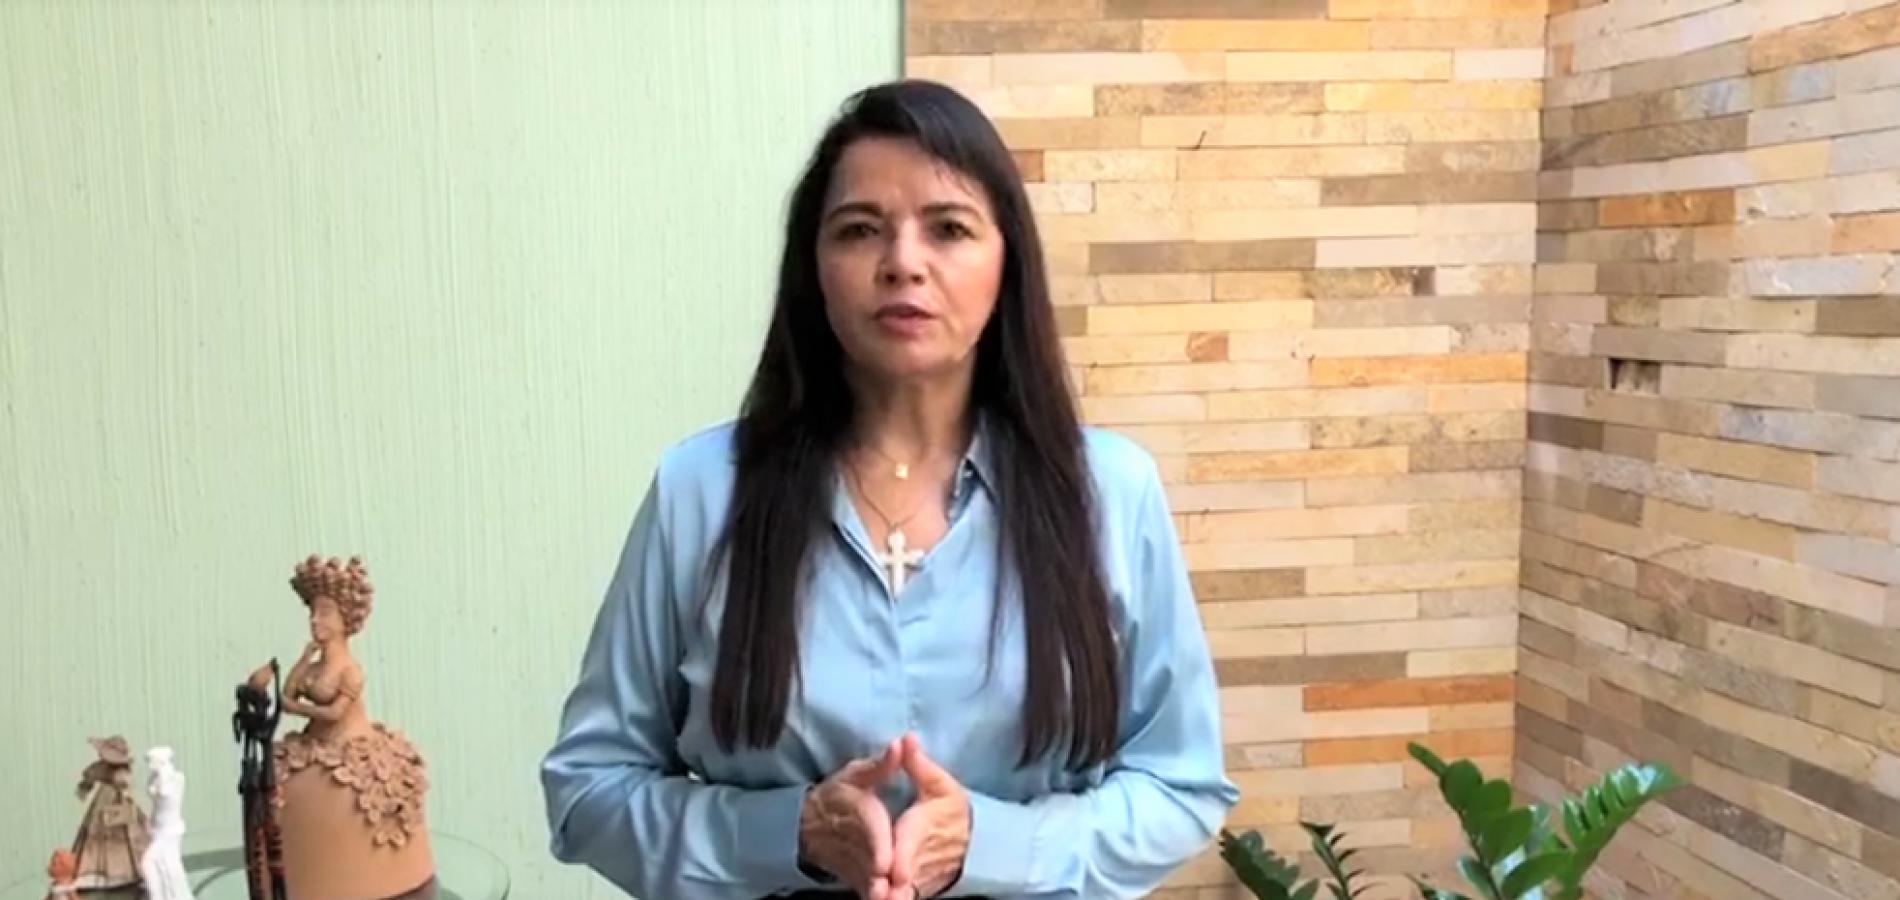 Após testar positivo para Covid-19, Teresa Britto relata sintomas leves